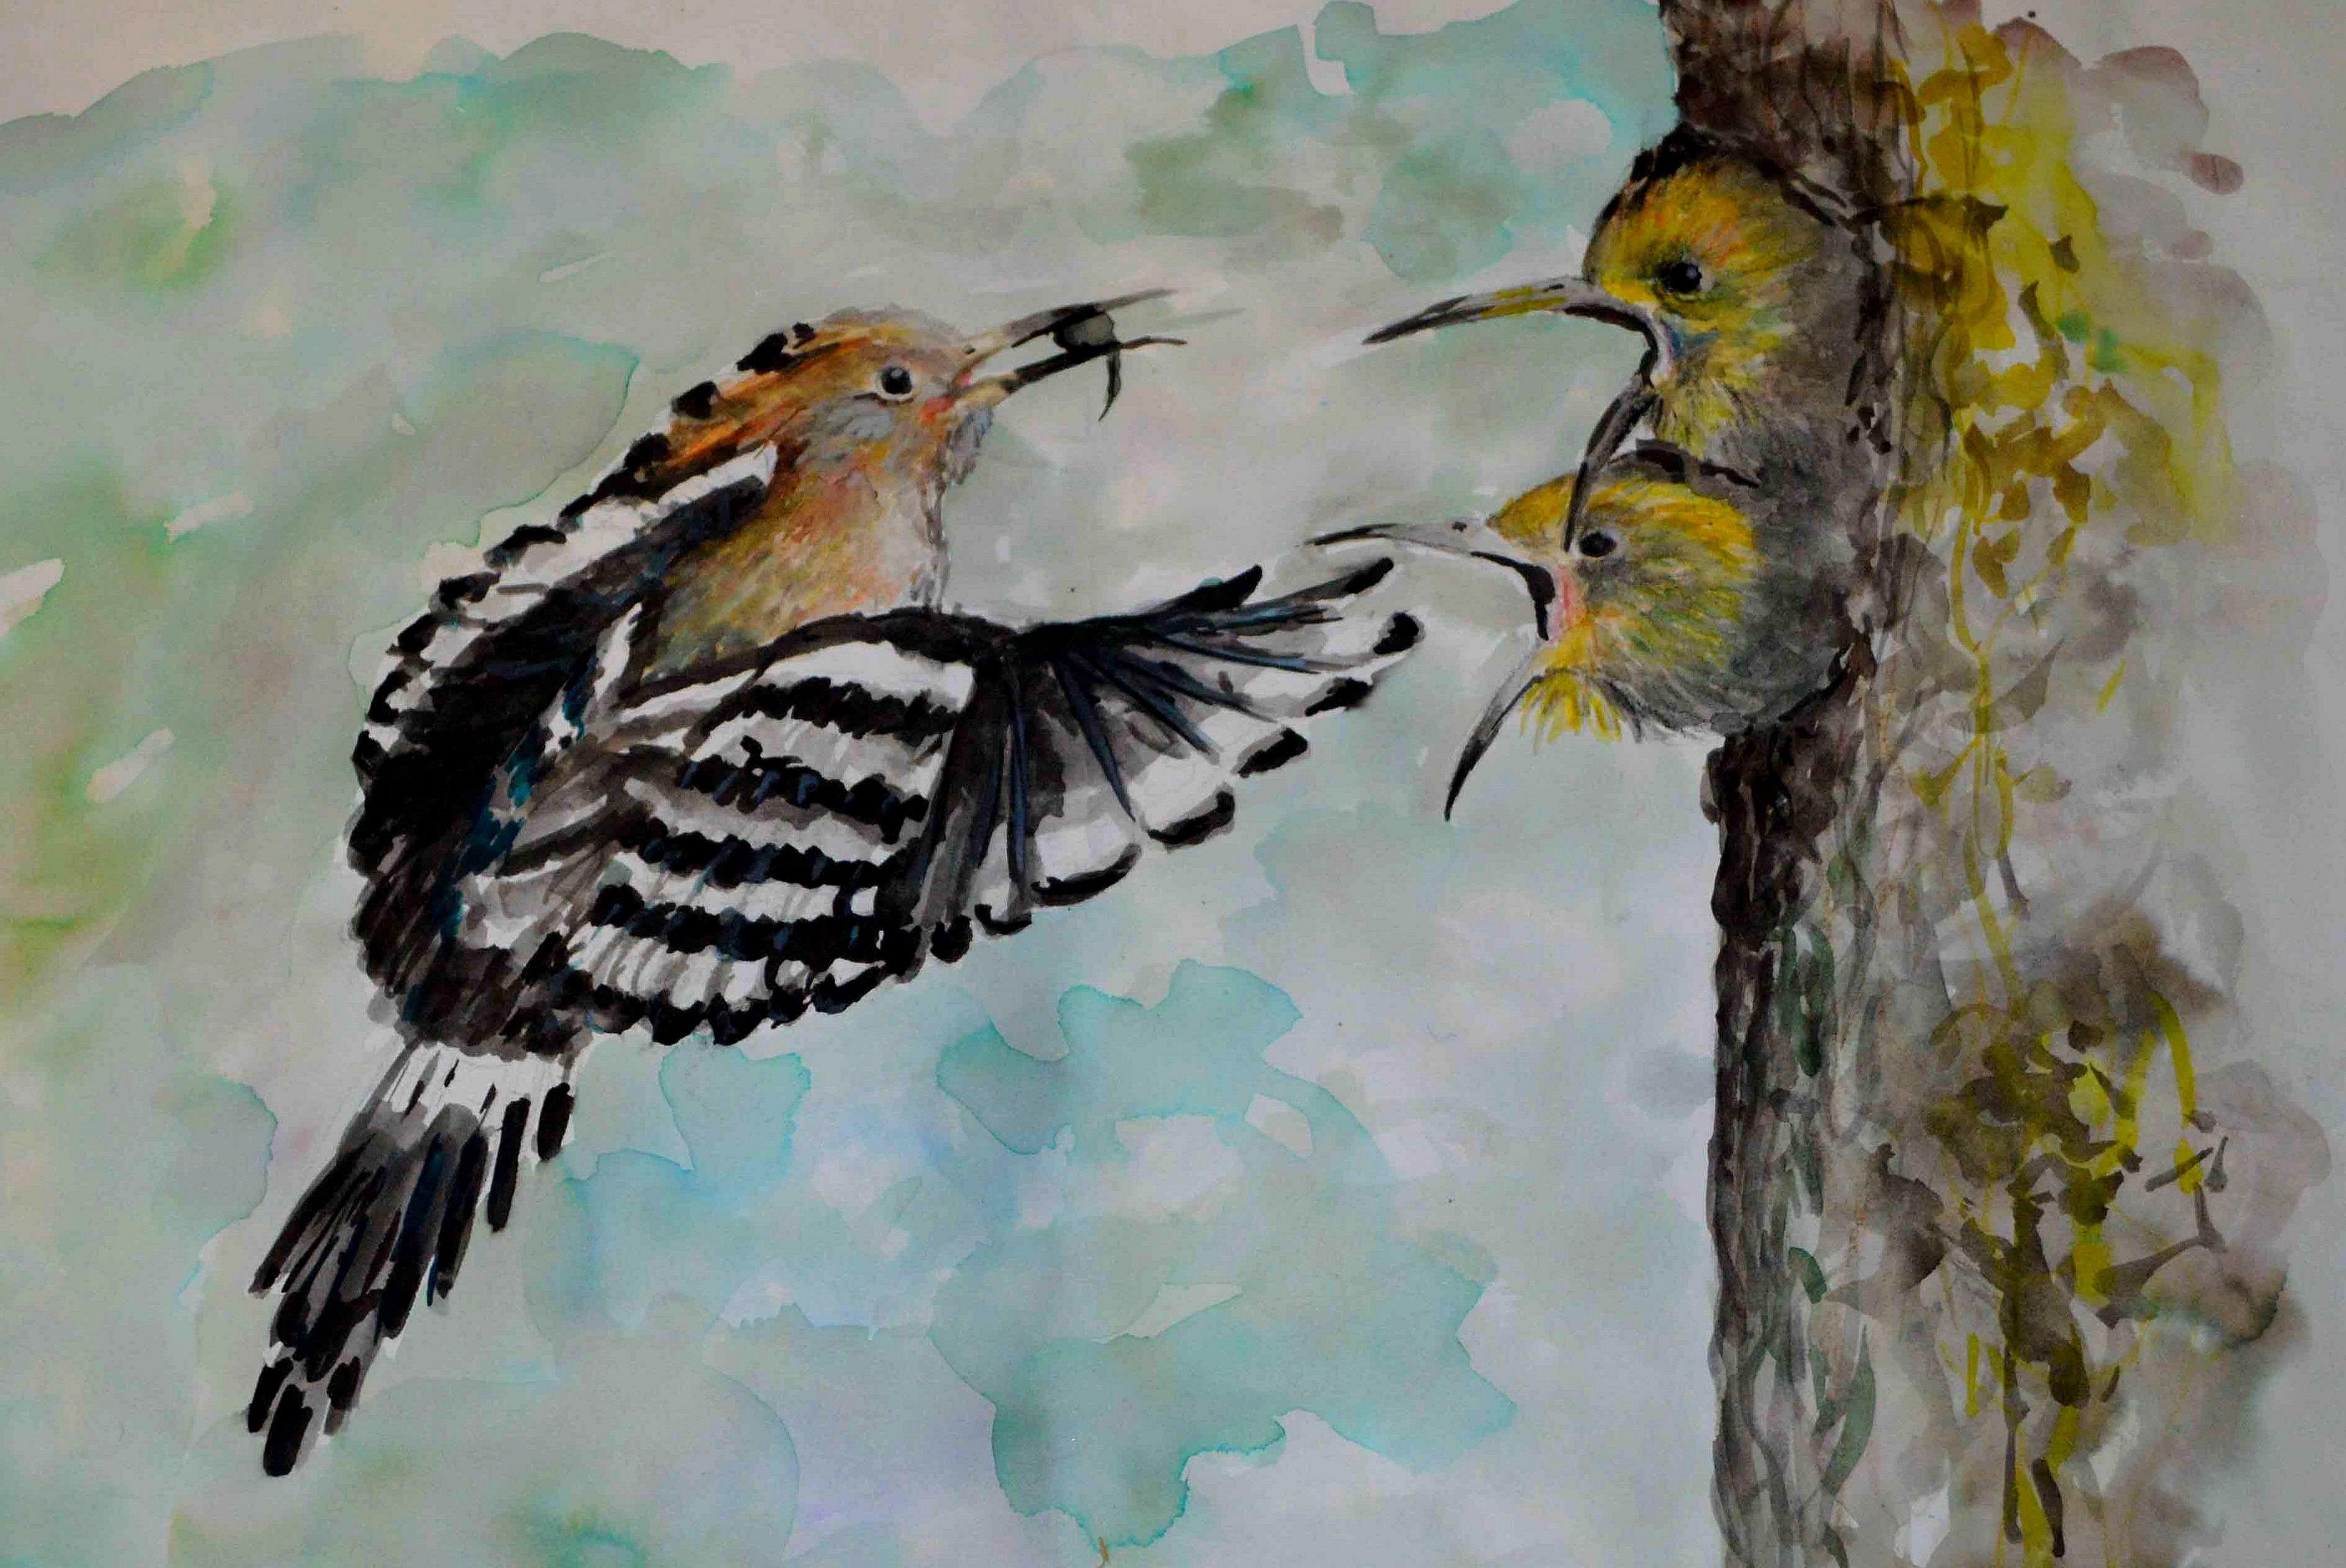 Év madara rajzkiállítás (Fotó: Golen Gerhárd)